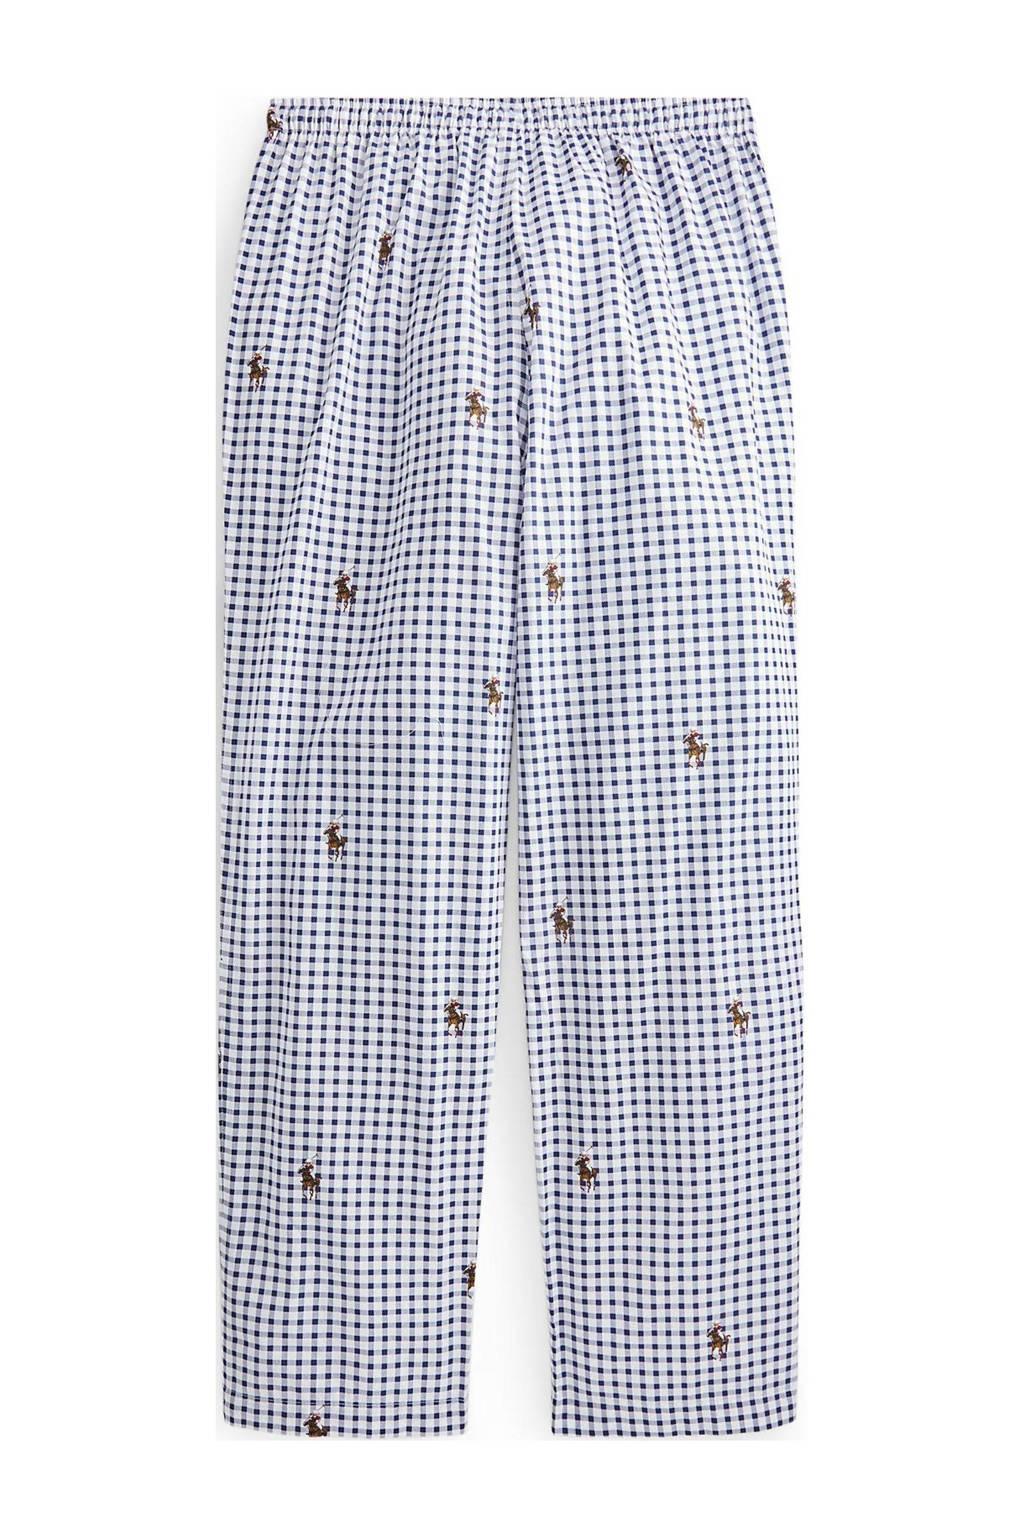 POLO Ralph Lauren geruite pyjamabroek donkerblauw/wit, Donkerblauw/wit